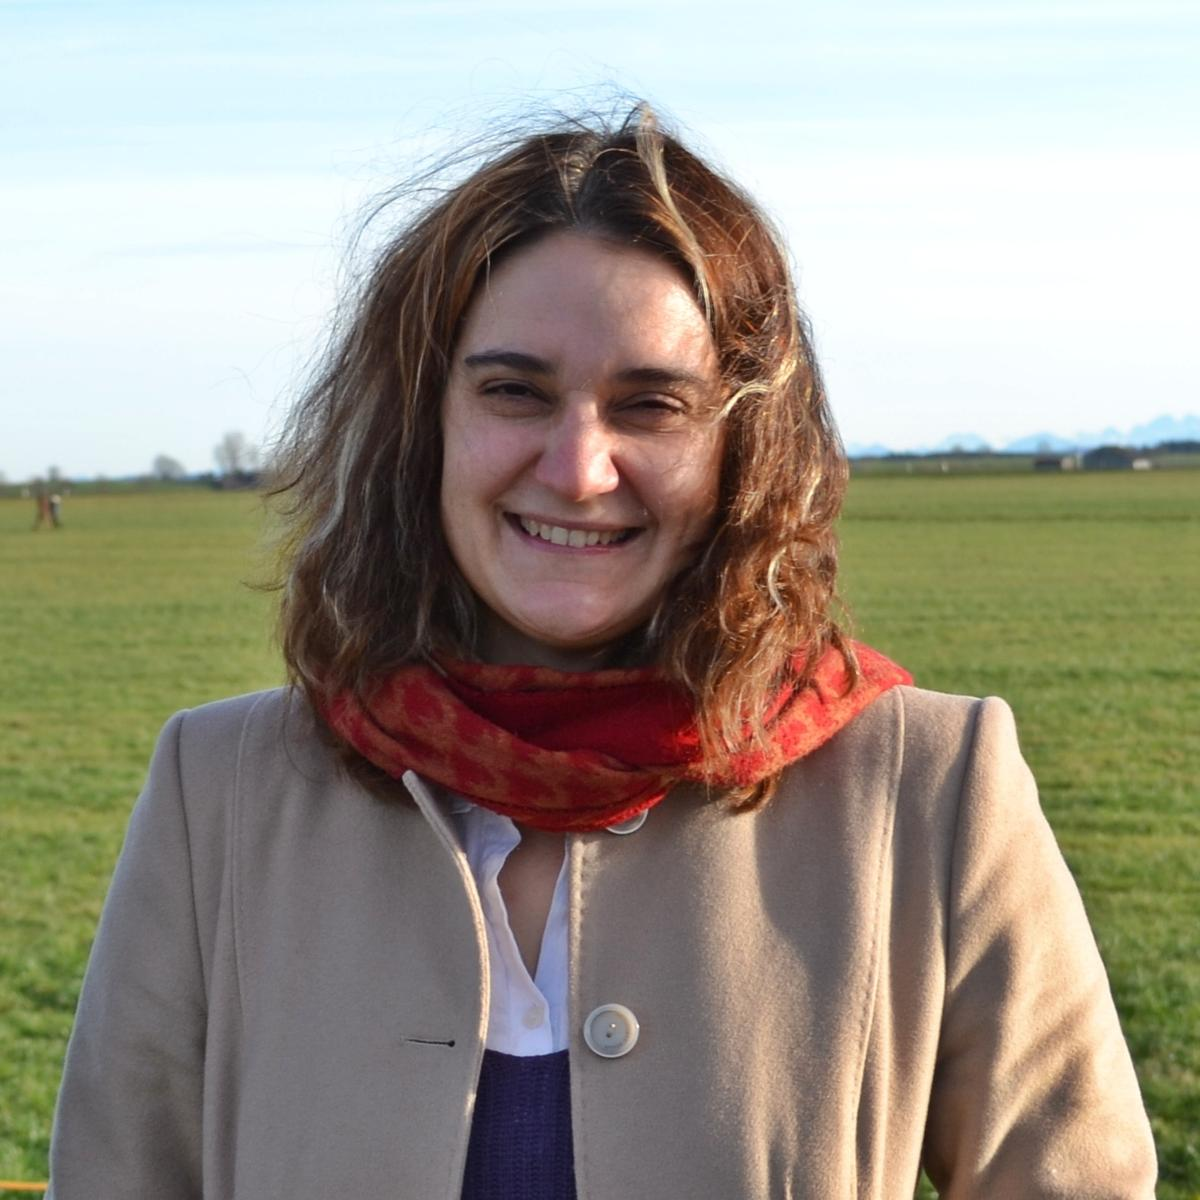 Veronika Bräse